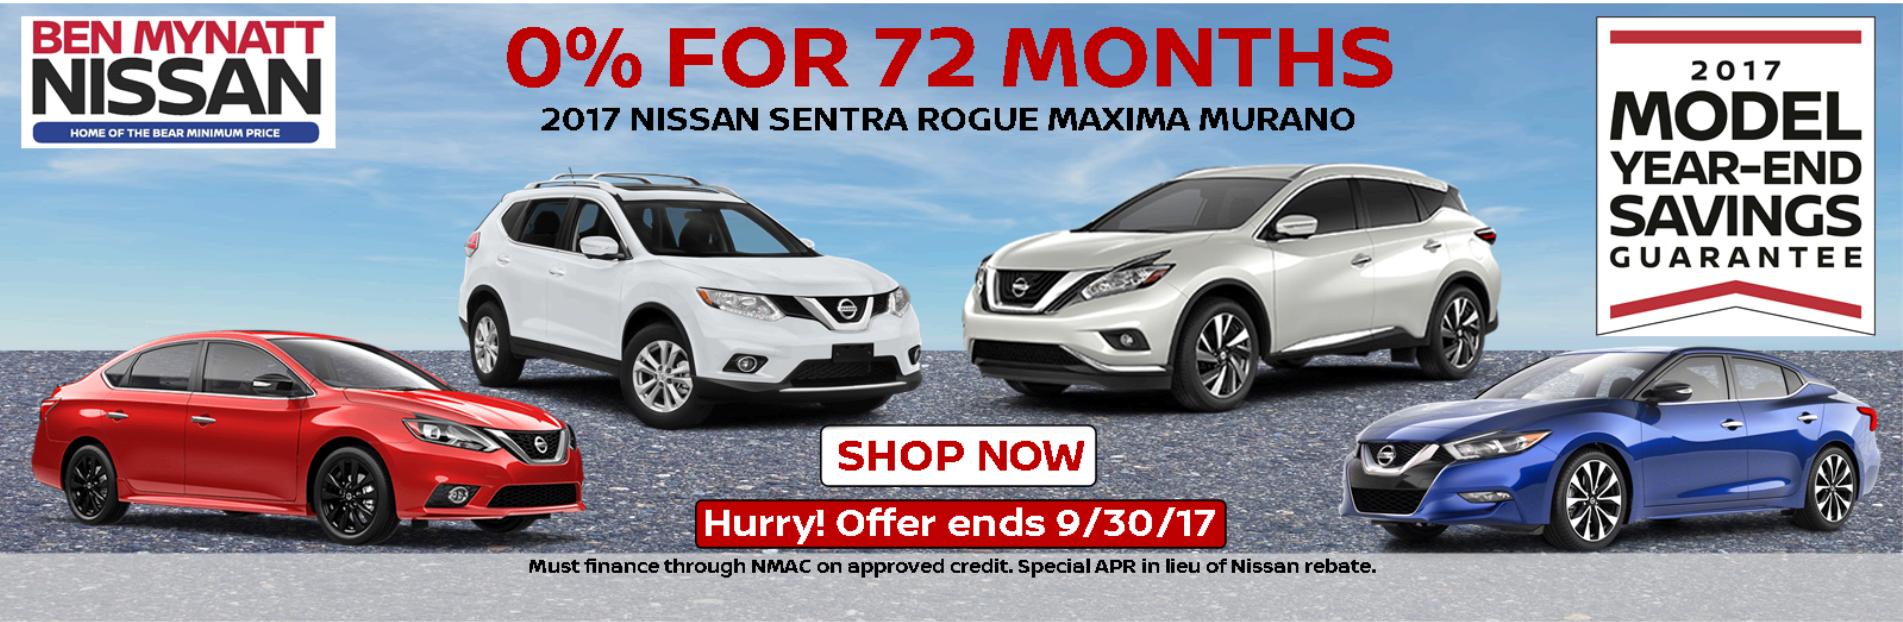 Ben Mynatt Salisbury >> Ben Mynatt Nissan Is Your Salisbury, NC Nissan Dealer | New & Used Car Sales, Auto Repair, Parts